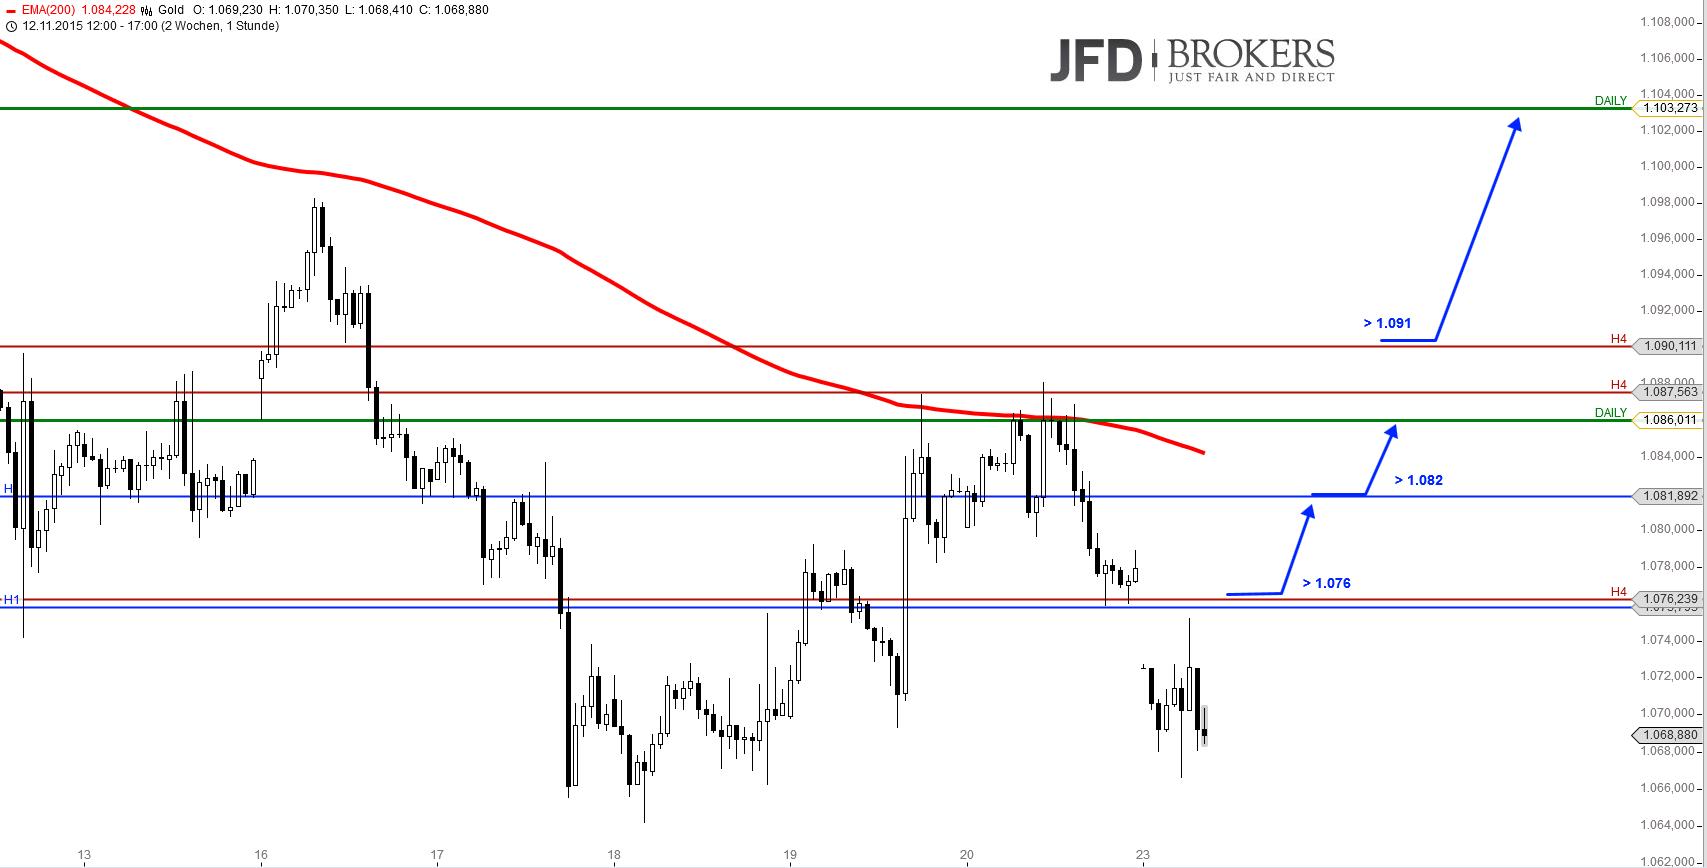 GOLD-H1-Können-diese-Marken-Kaufdruck-erzeugen-Kommentar-JFD-Brokers-GodmodeTrader.de-1